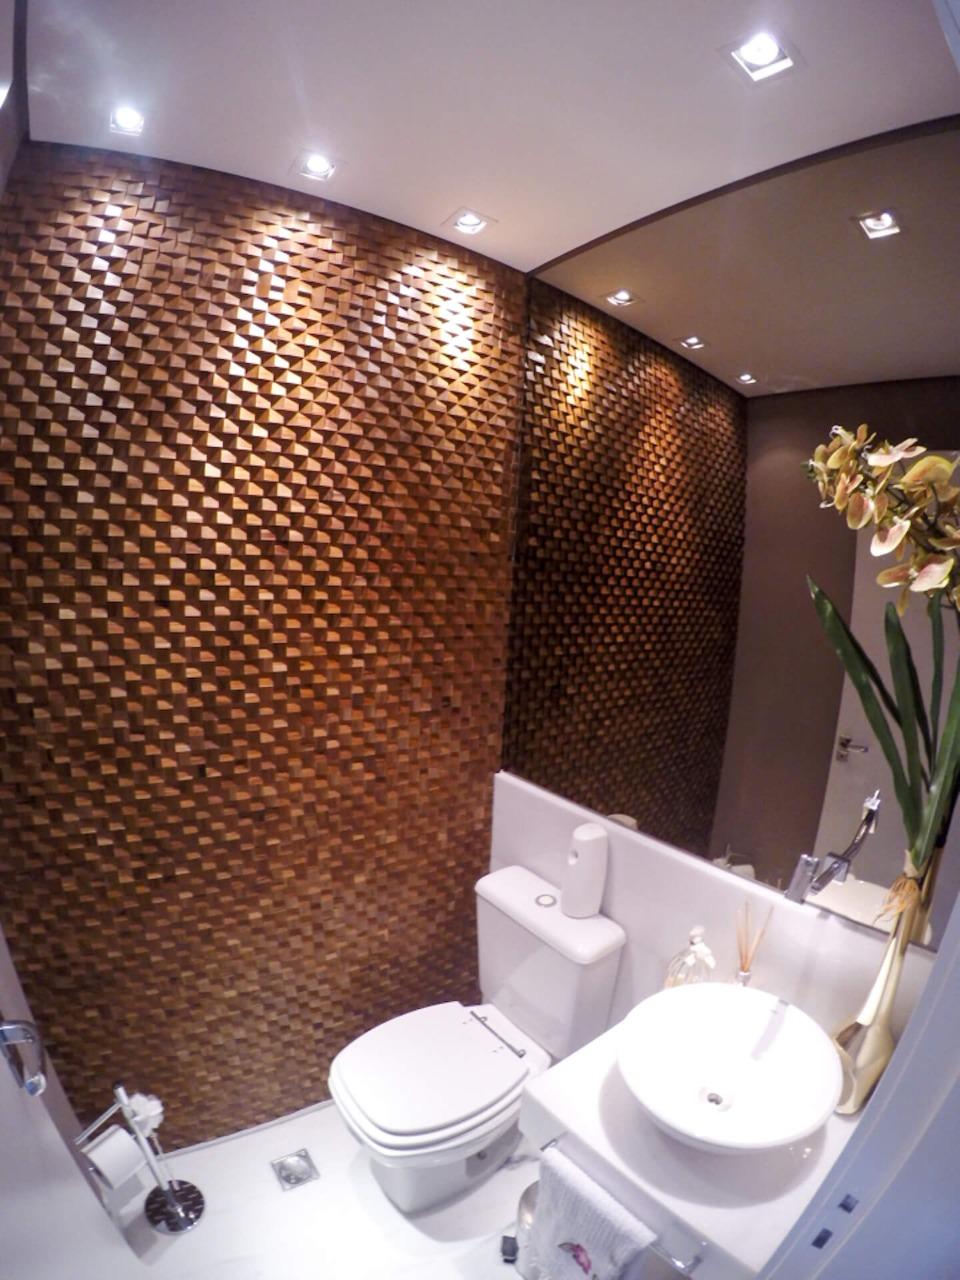 Projeto feito pelo escritório Painel Arquitetos Associados para um banheiro moderno. Divulgação - Painel Arquitetos Associados